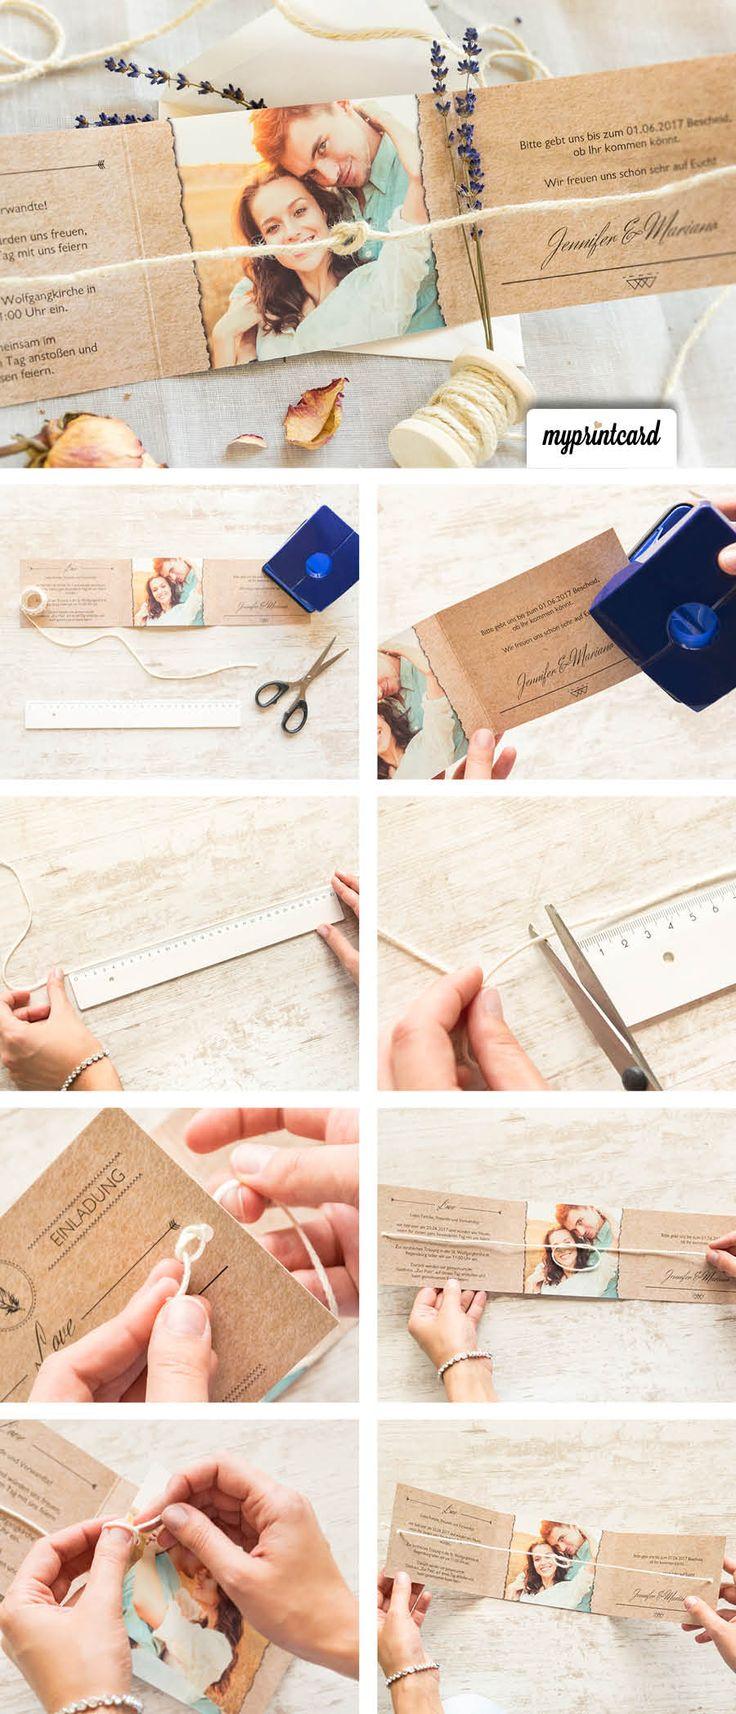 Eine kreative Bastelidee für die Hochzeitseinladung. Mit dieser Überraschung erstaunt Ihr Eure Hochzeitsgäste.  #knoten #diy #anleitung #basteln #hochzeit #tutorial #selbstgemacht #hochzeitseinladung #einladung #papier #vintage #tietheknot #wedding